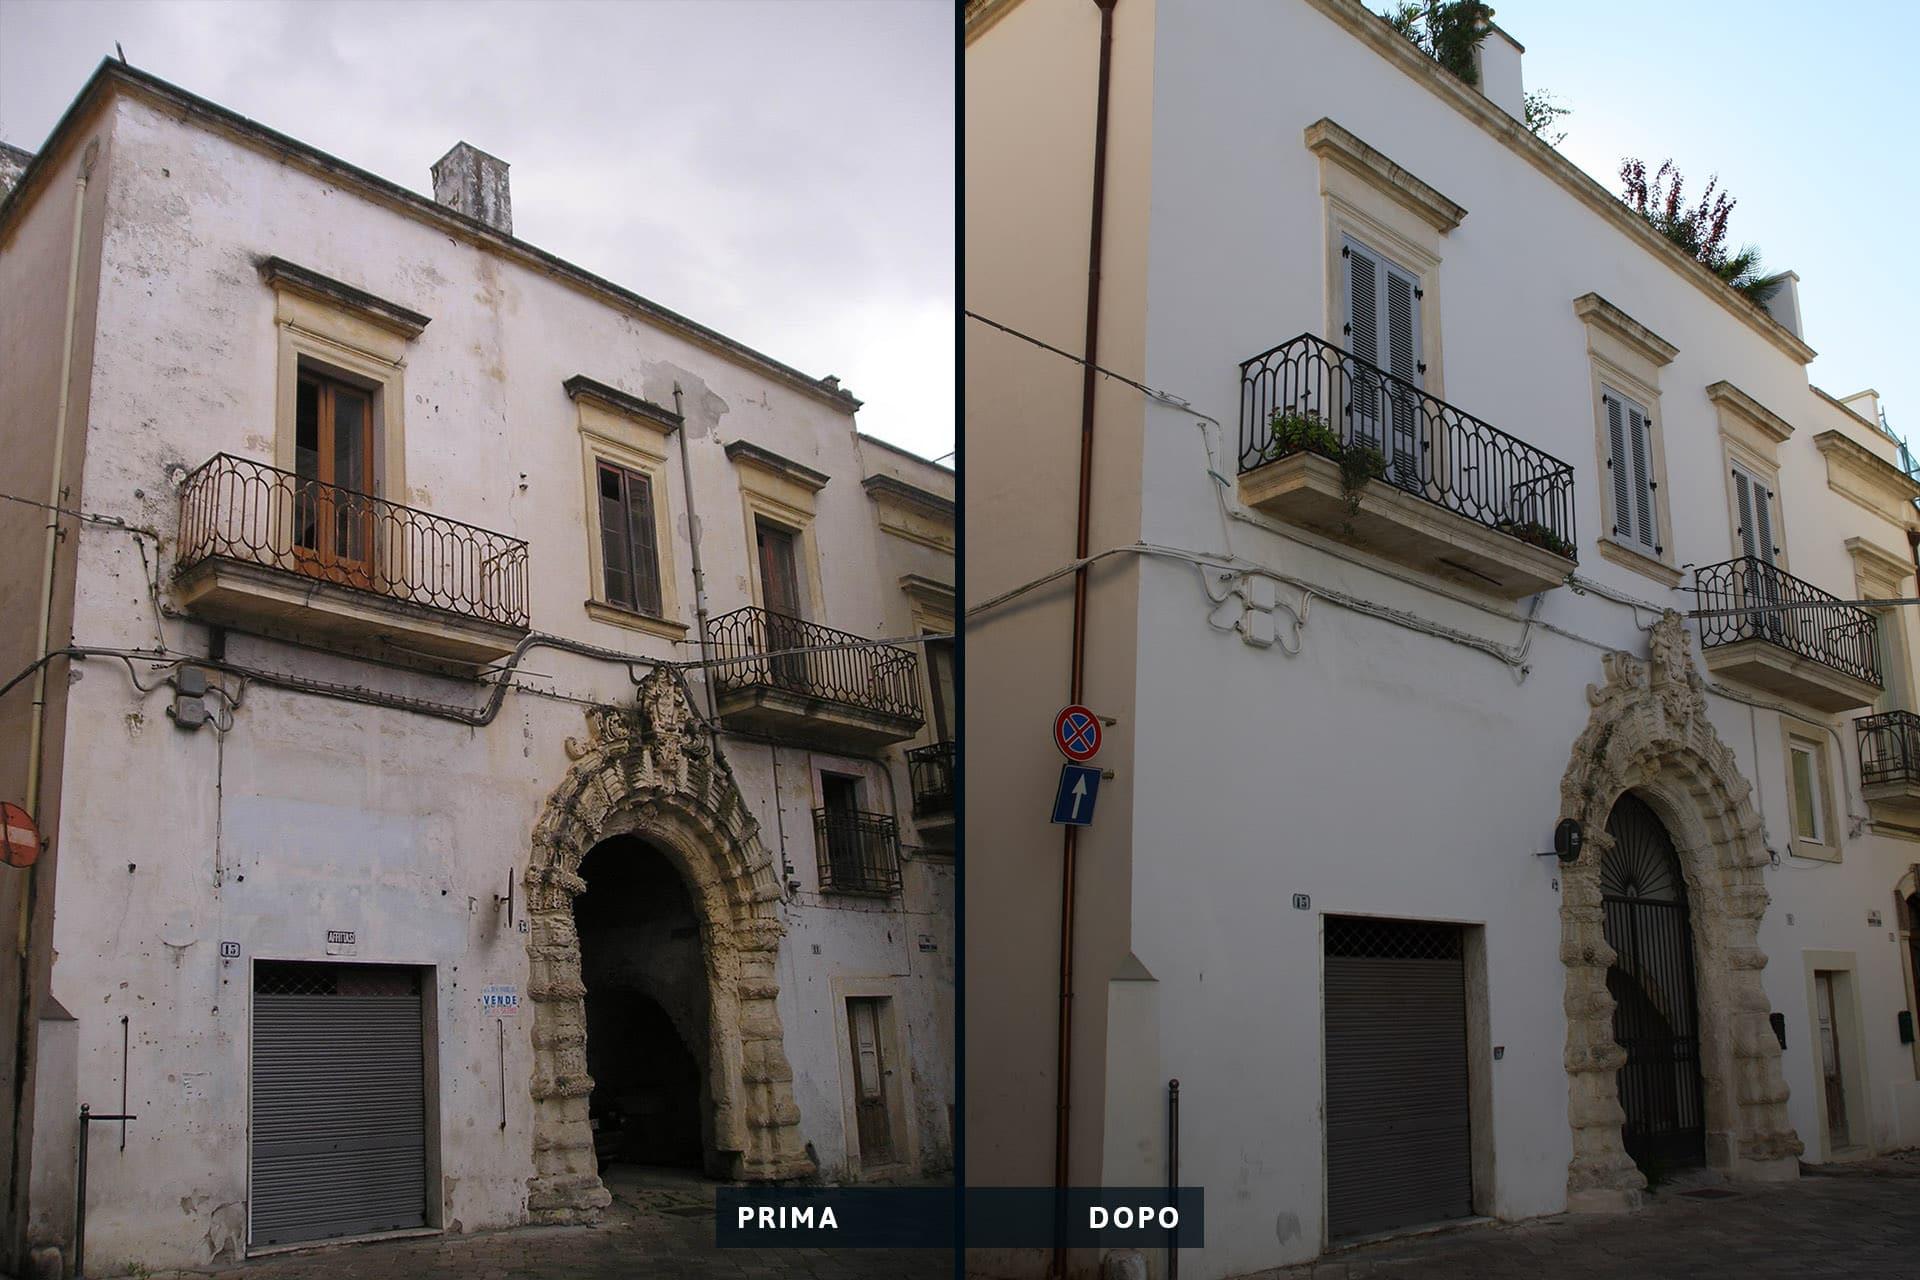 Prima e dopo - 04